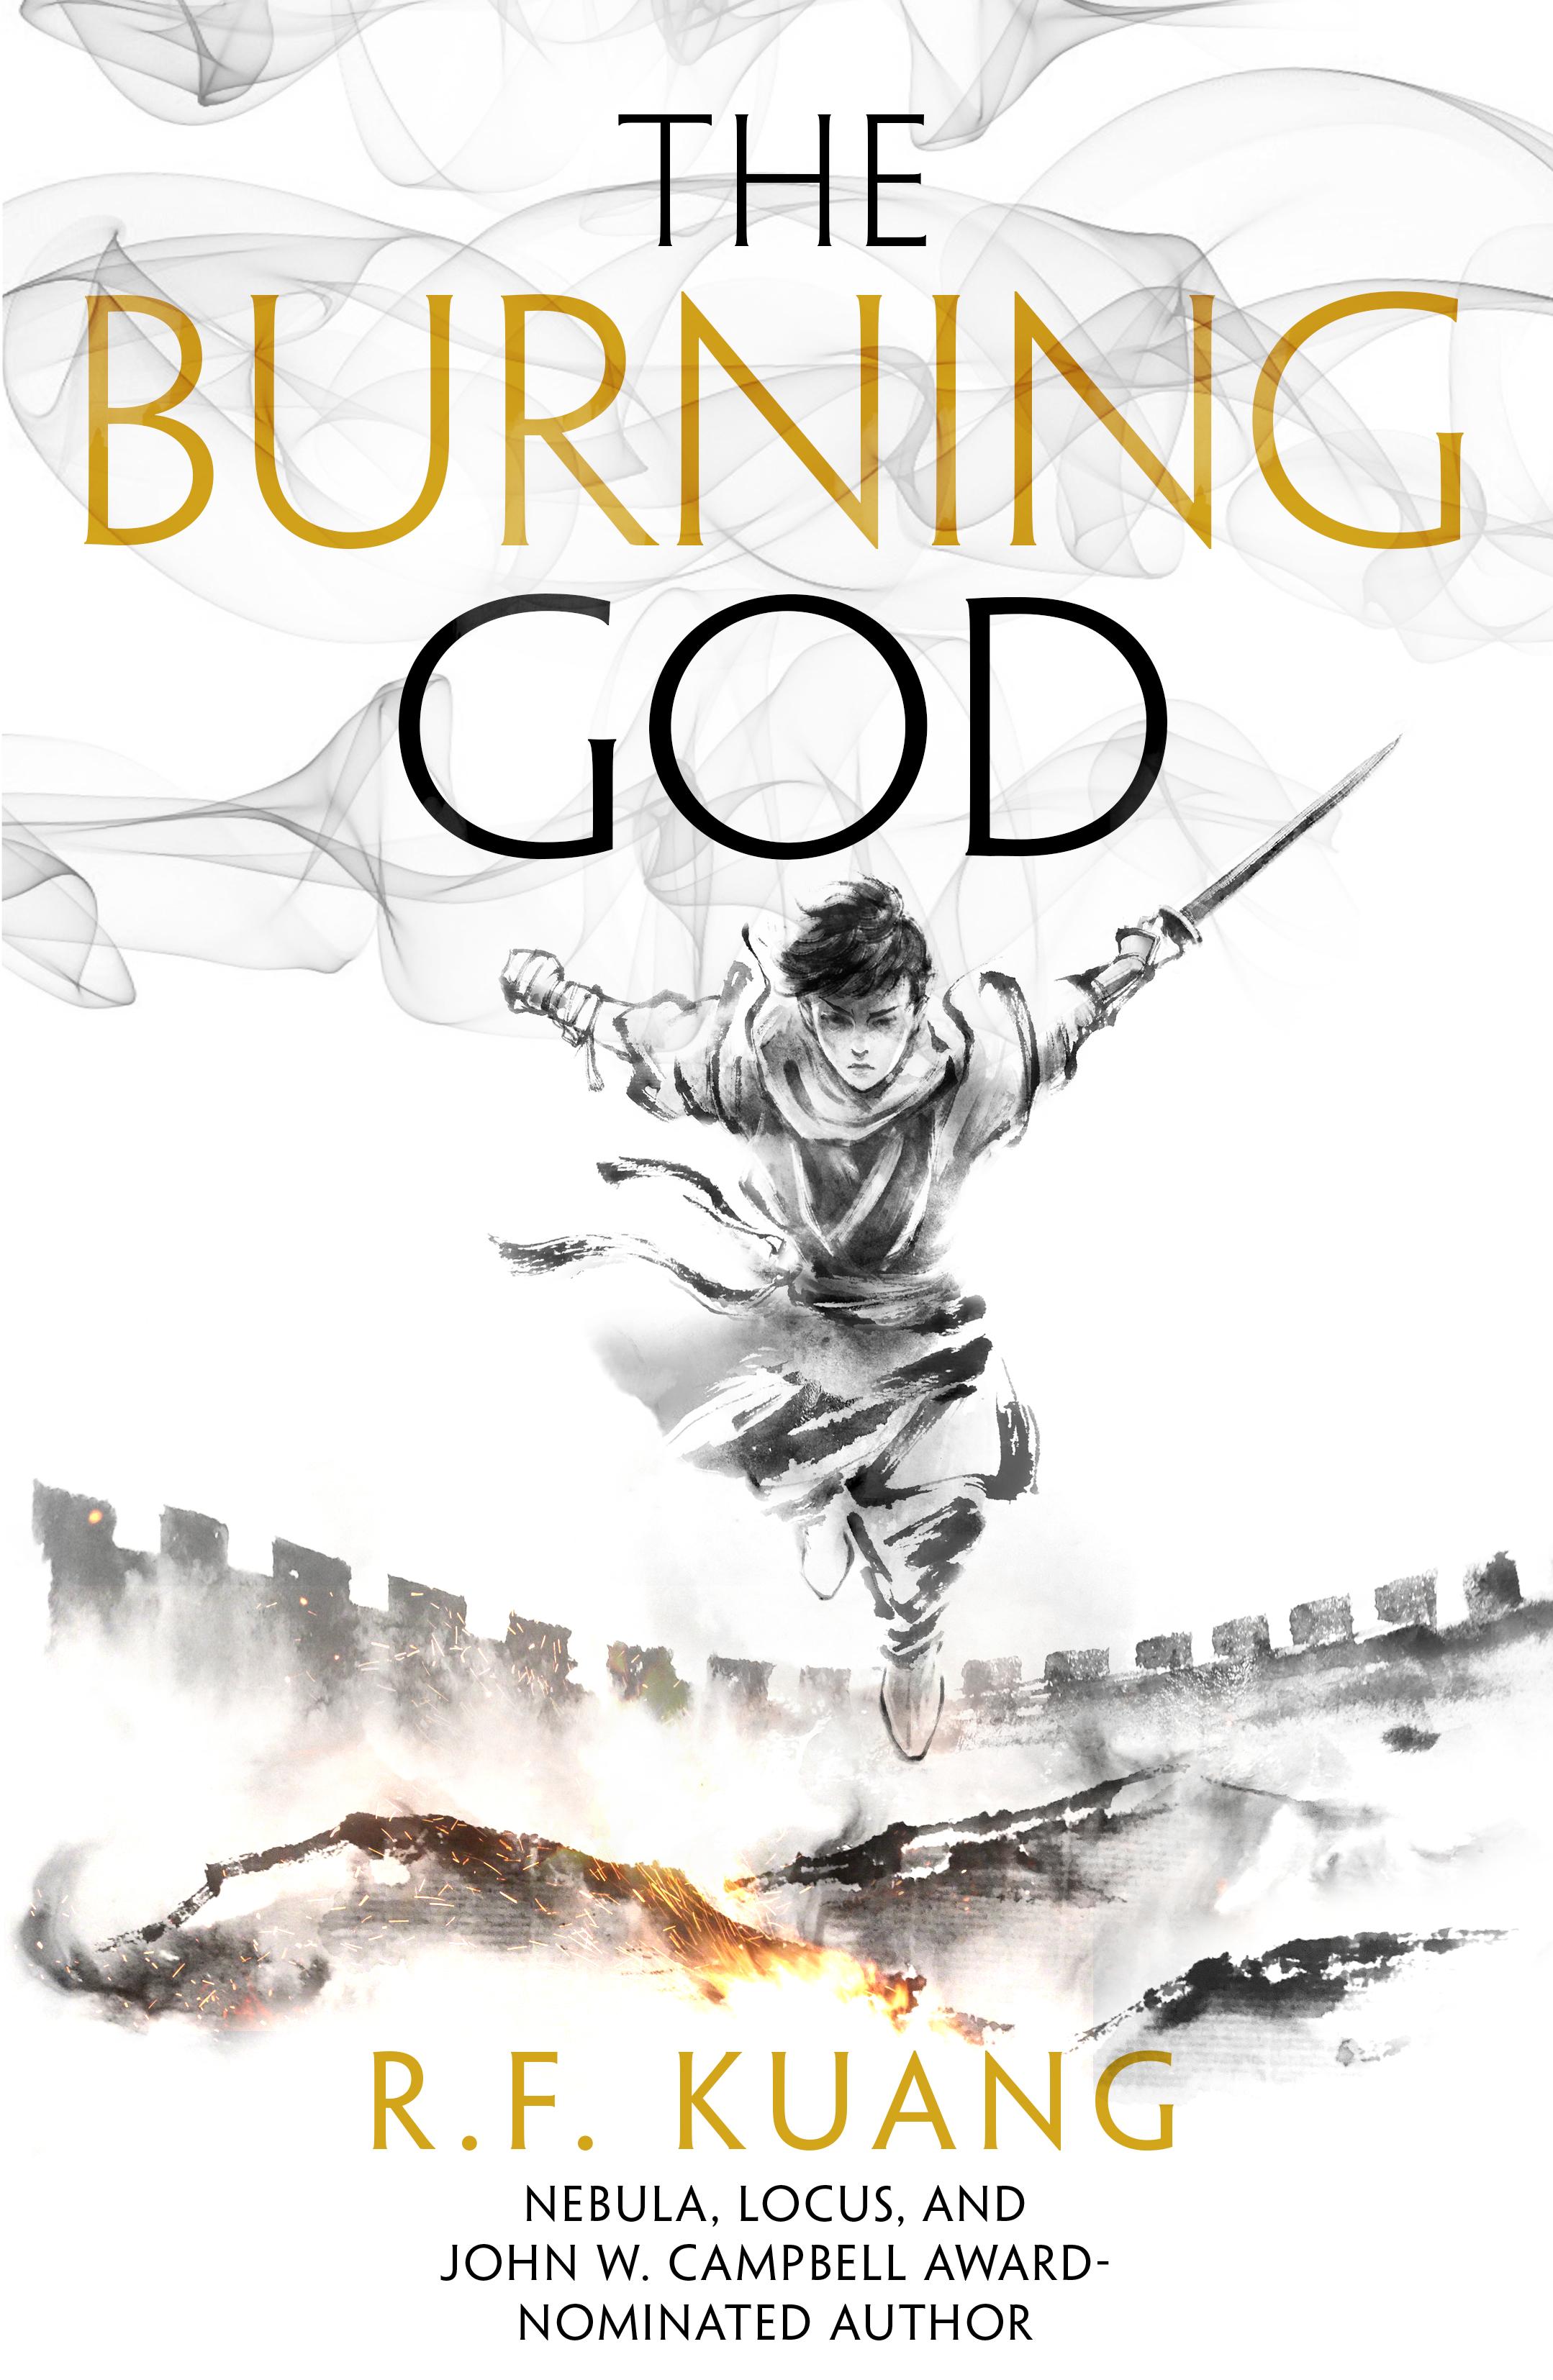 Burning-God_FULL-LAYOUT-FINAL0310